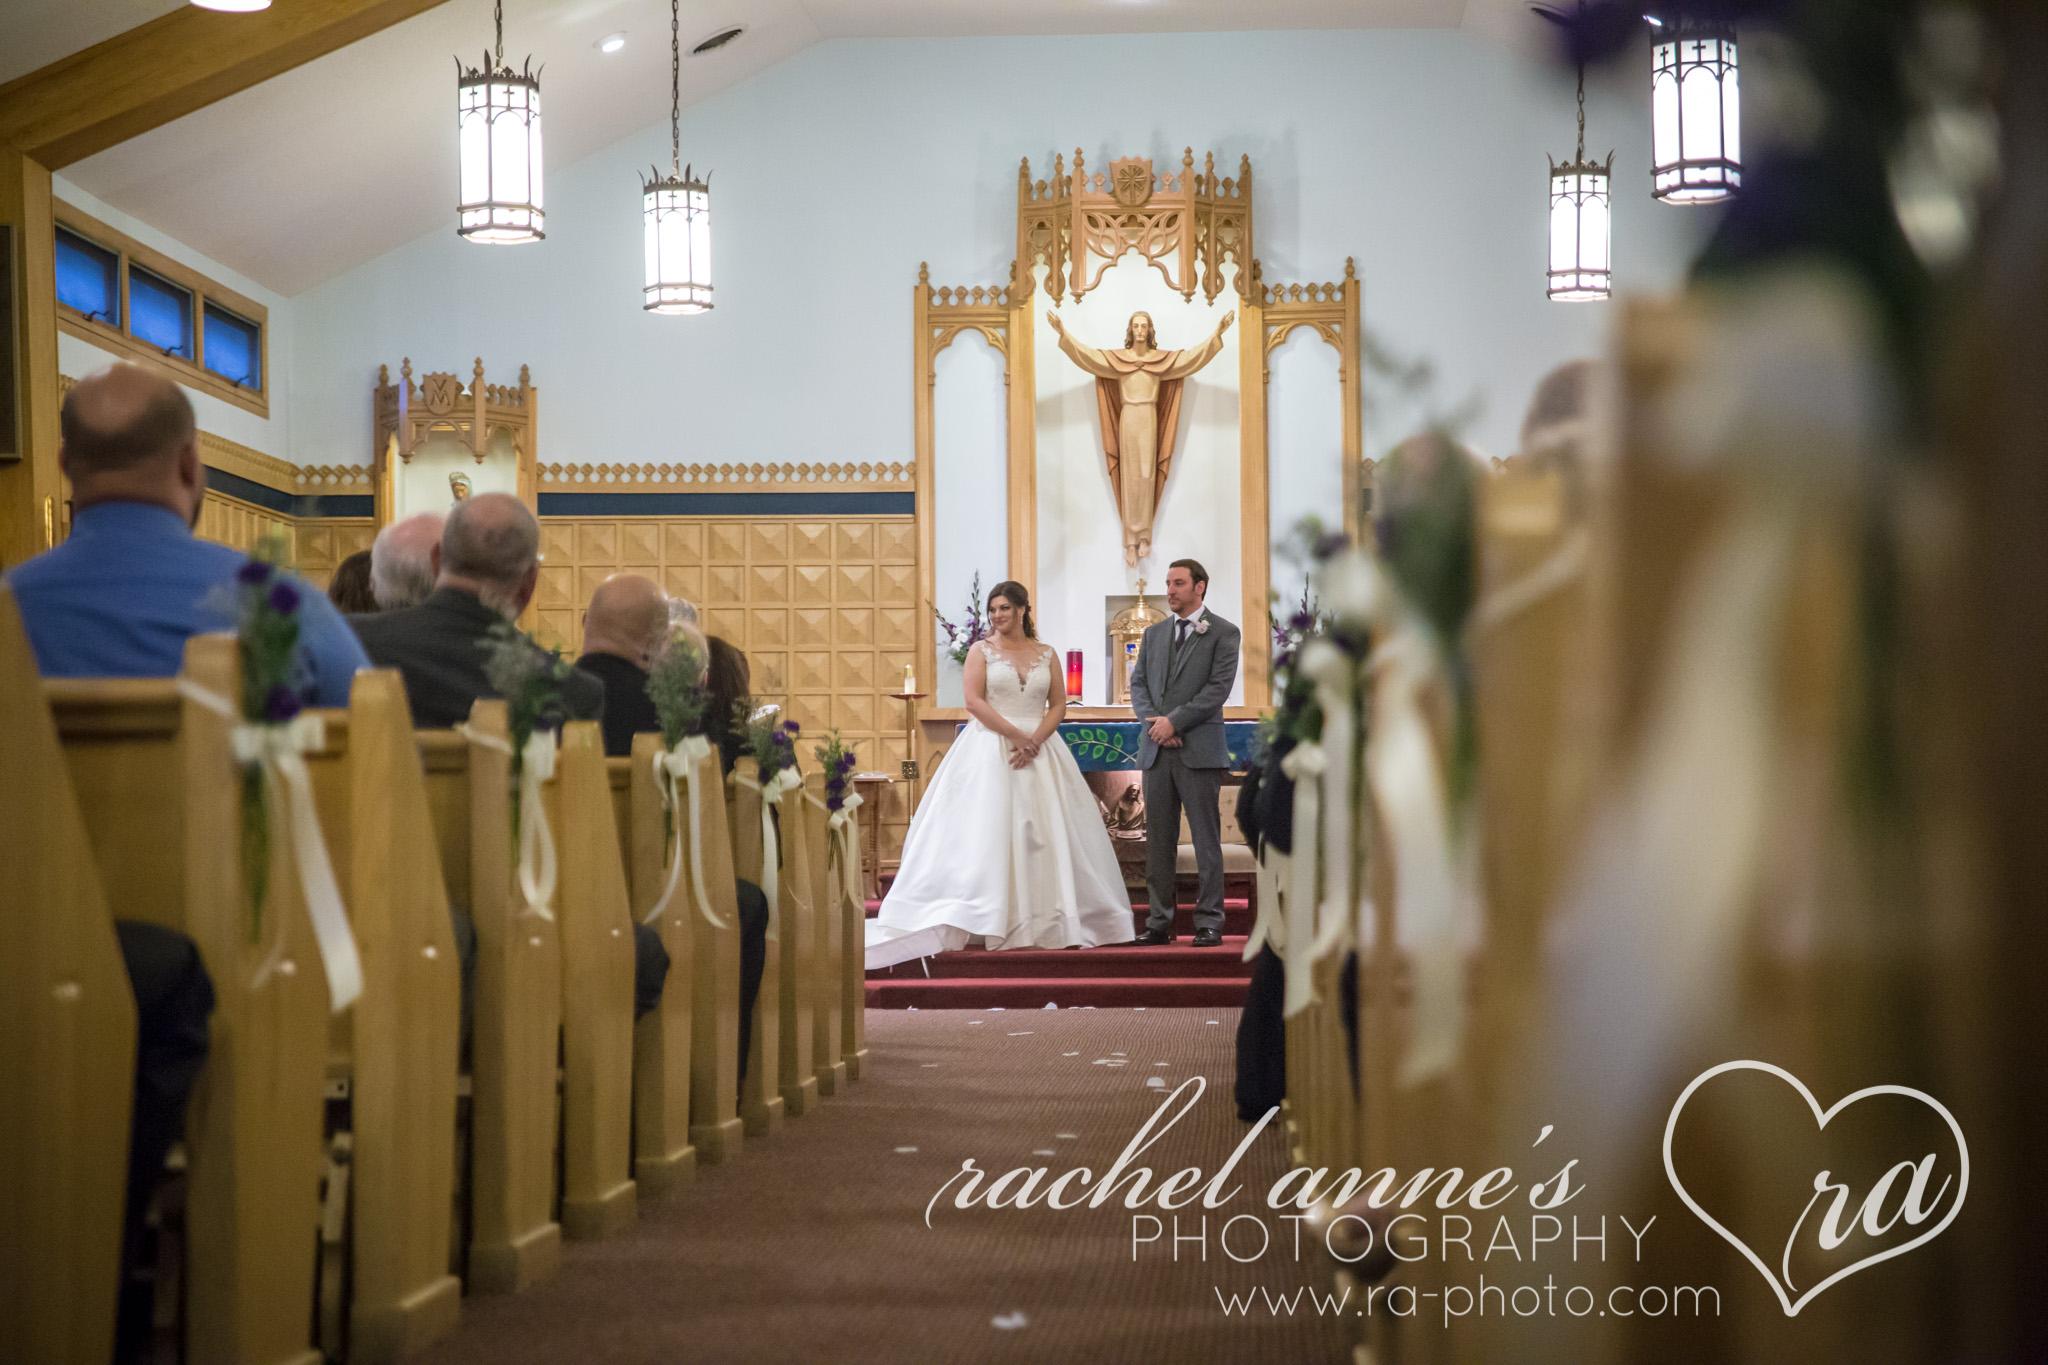 053-CAP-CURWENSVILLE-PA-TREASURE-LAKEVIEW-LODGE-WEDDINGS.jpg